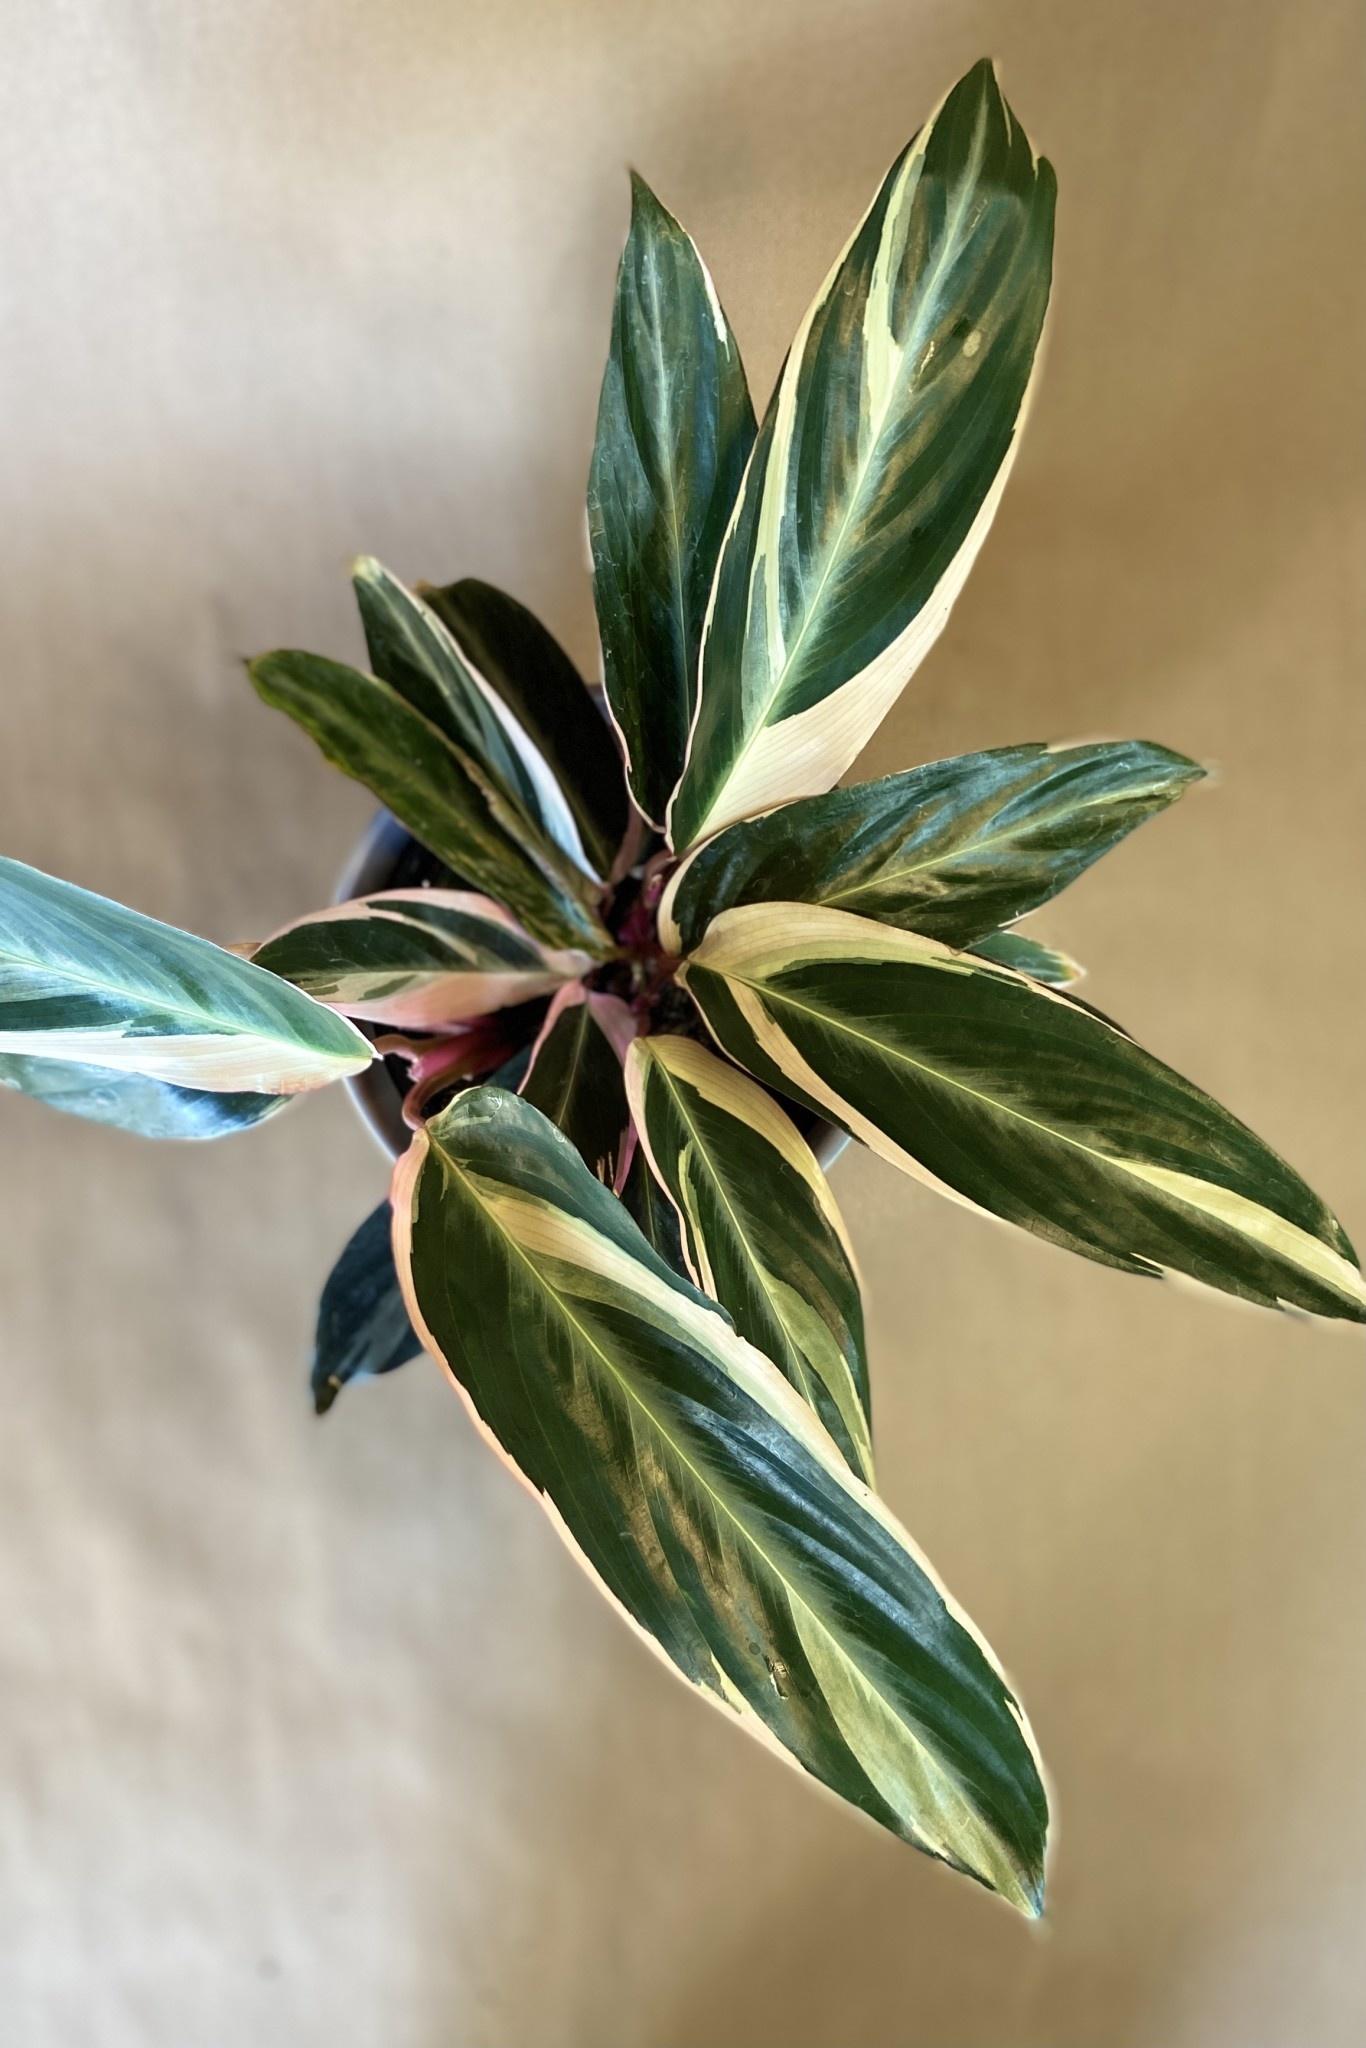 Stromanthe triostard 6po-2